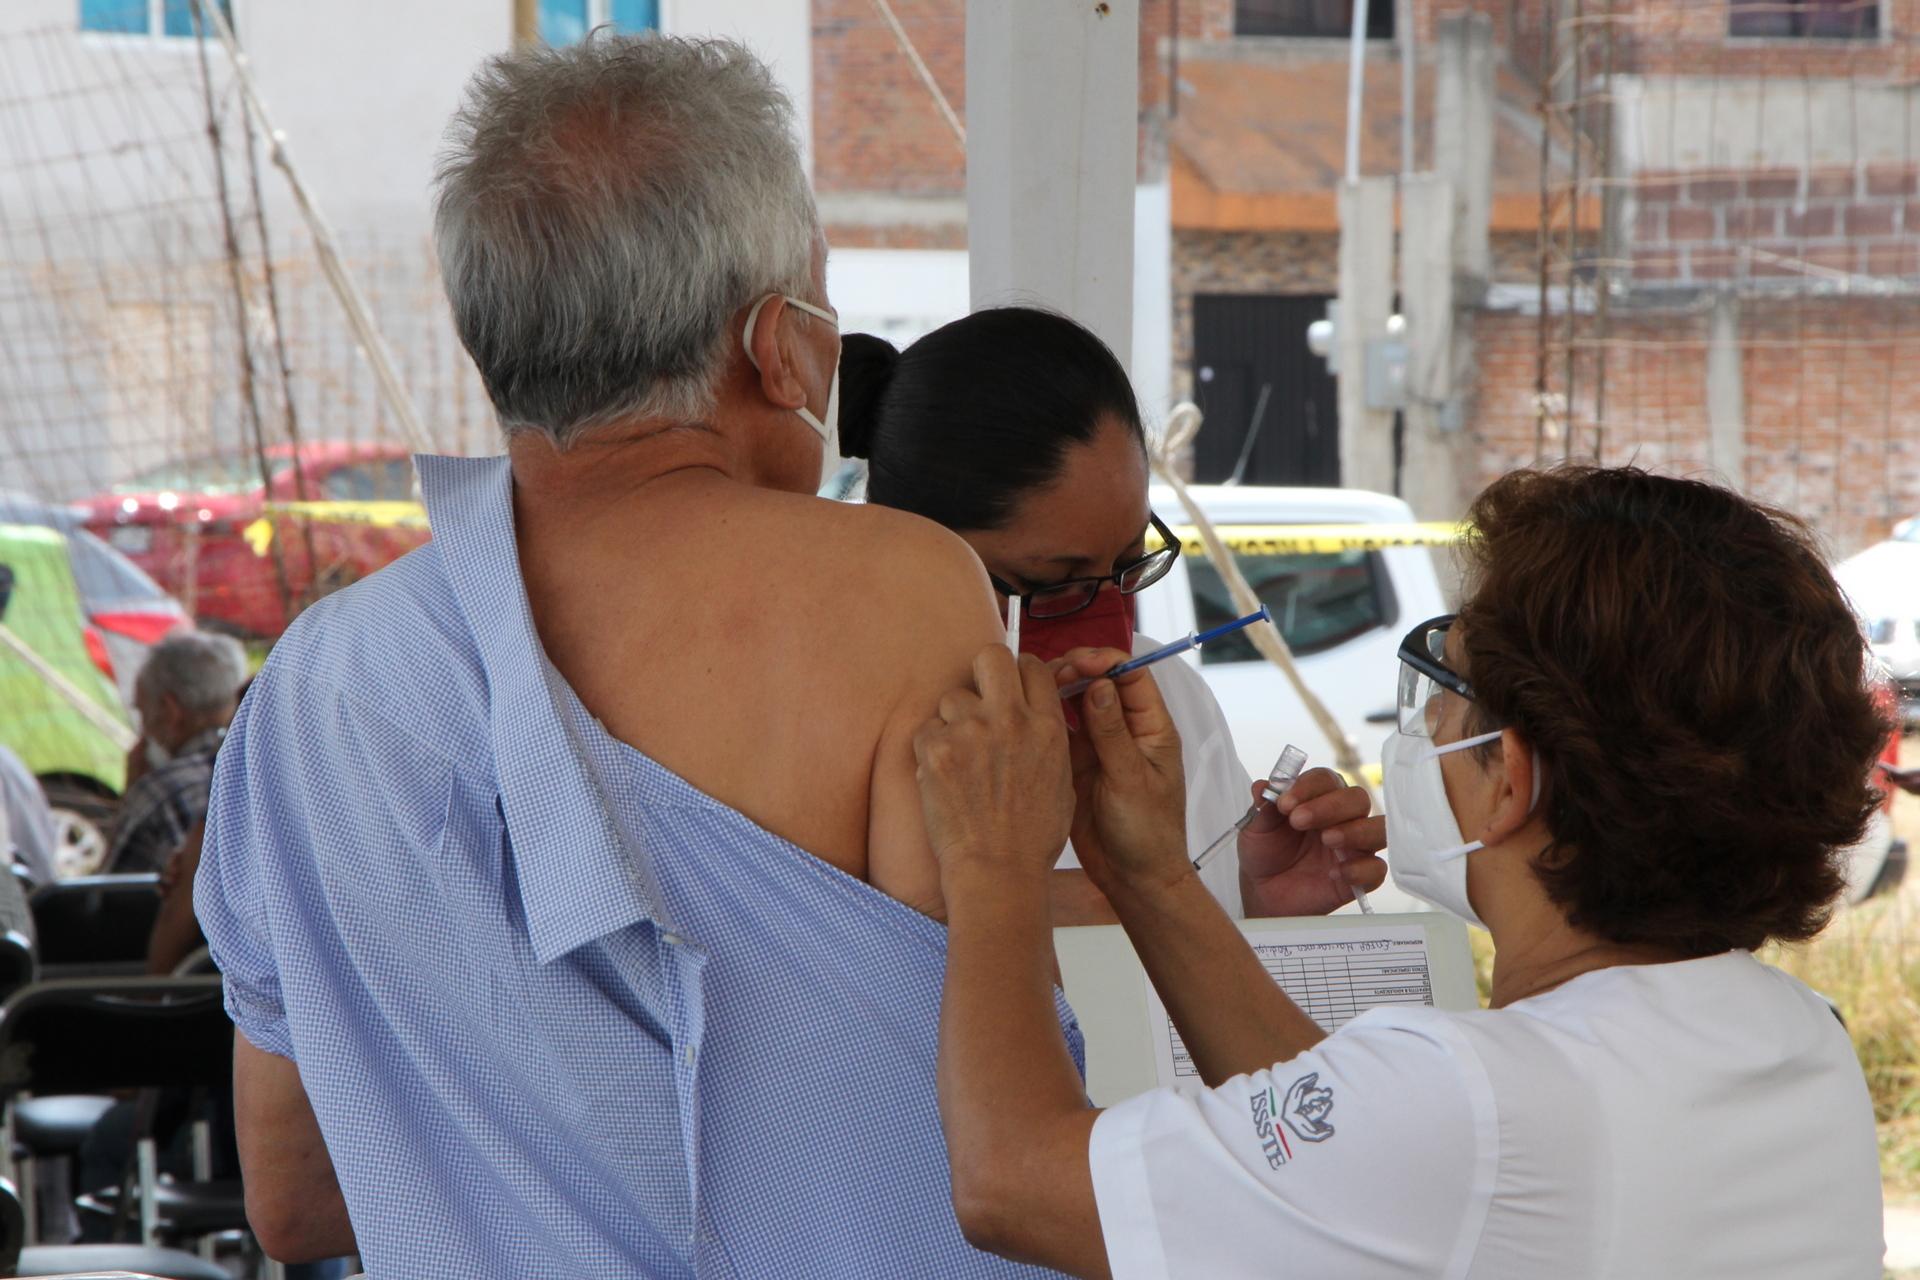 Siguen la vacunación contra la Covid-19 en Puebla, primeras dosis de 50 años en adelante y segundas dosis a mayores de 60